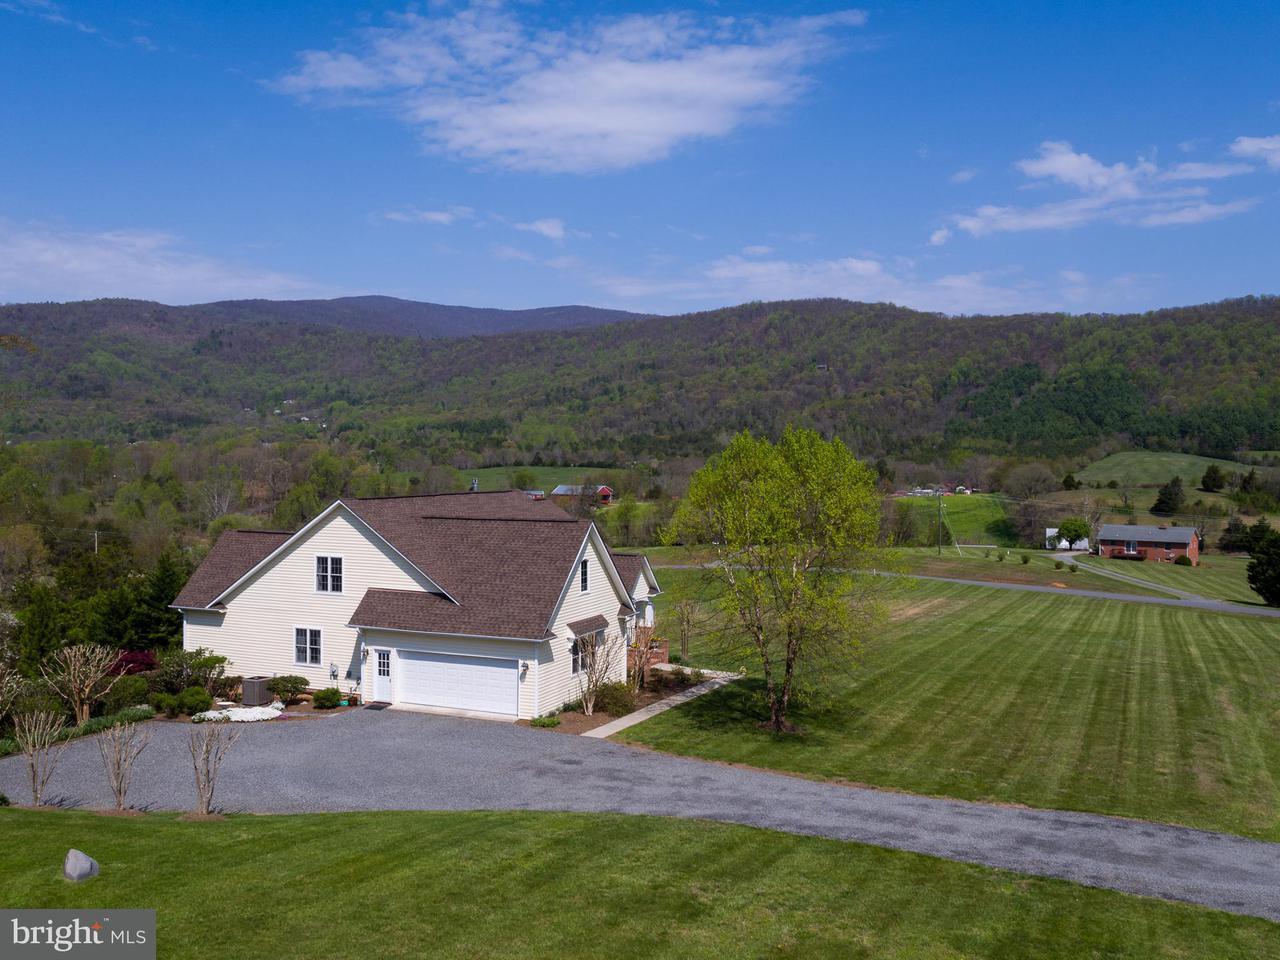 Частный односемейный дом для того Продажа на 32 LEXINGTON Court 32 LEXINGTON Court Stanardsville, Виргиния 22973 Соединенные Штаты